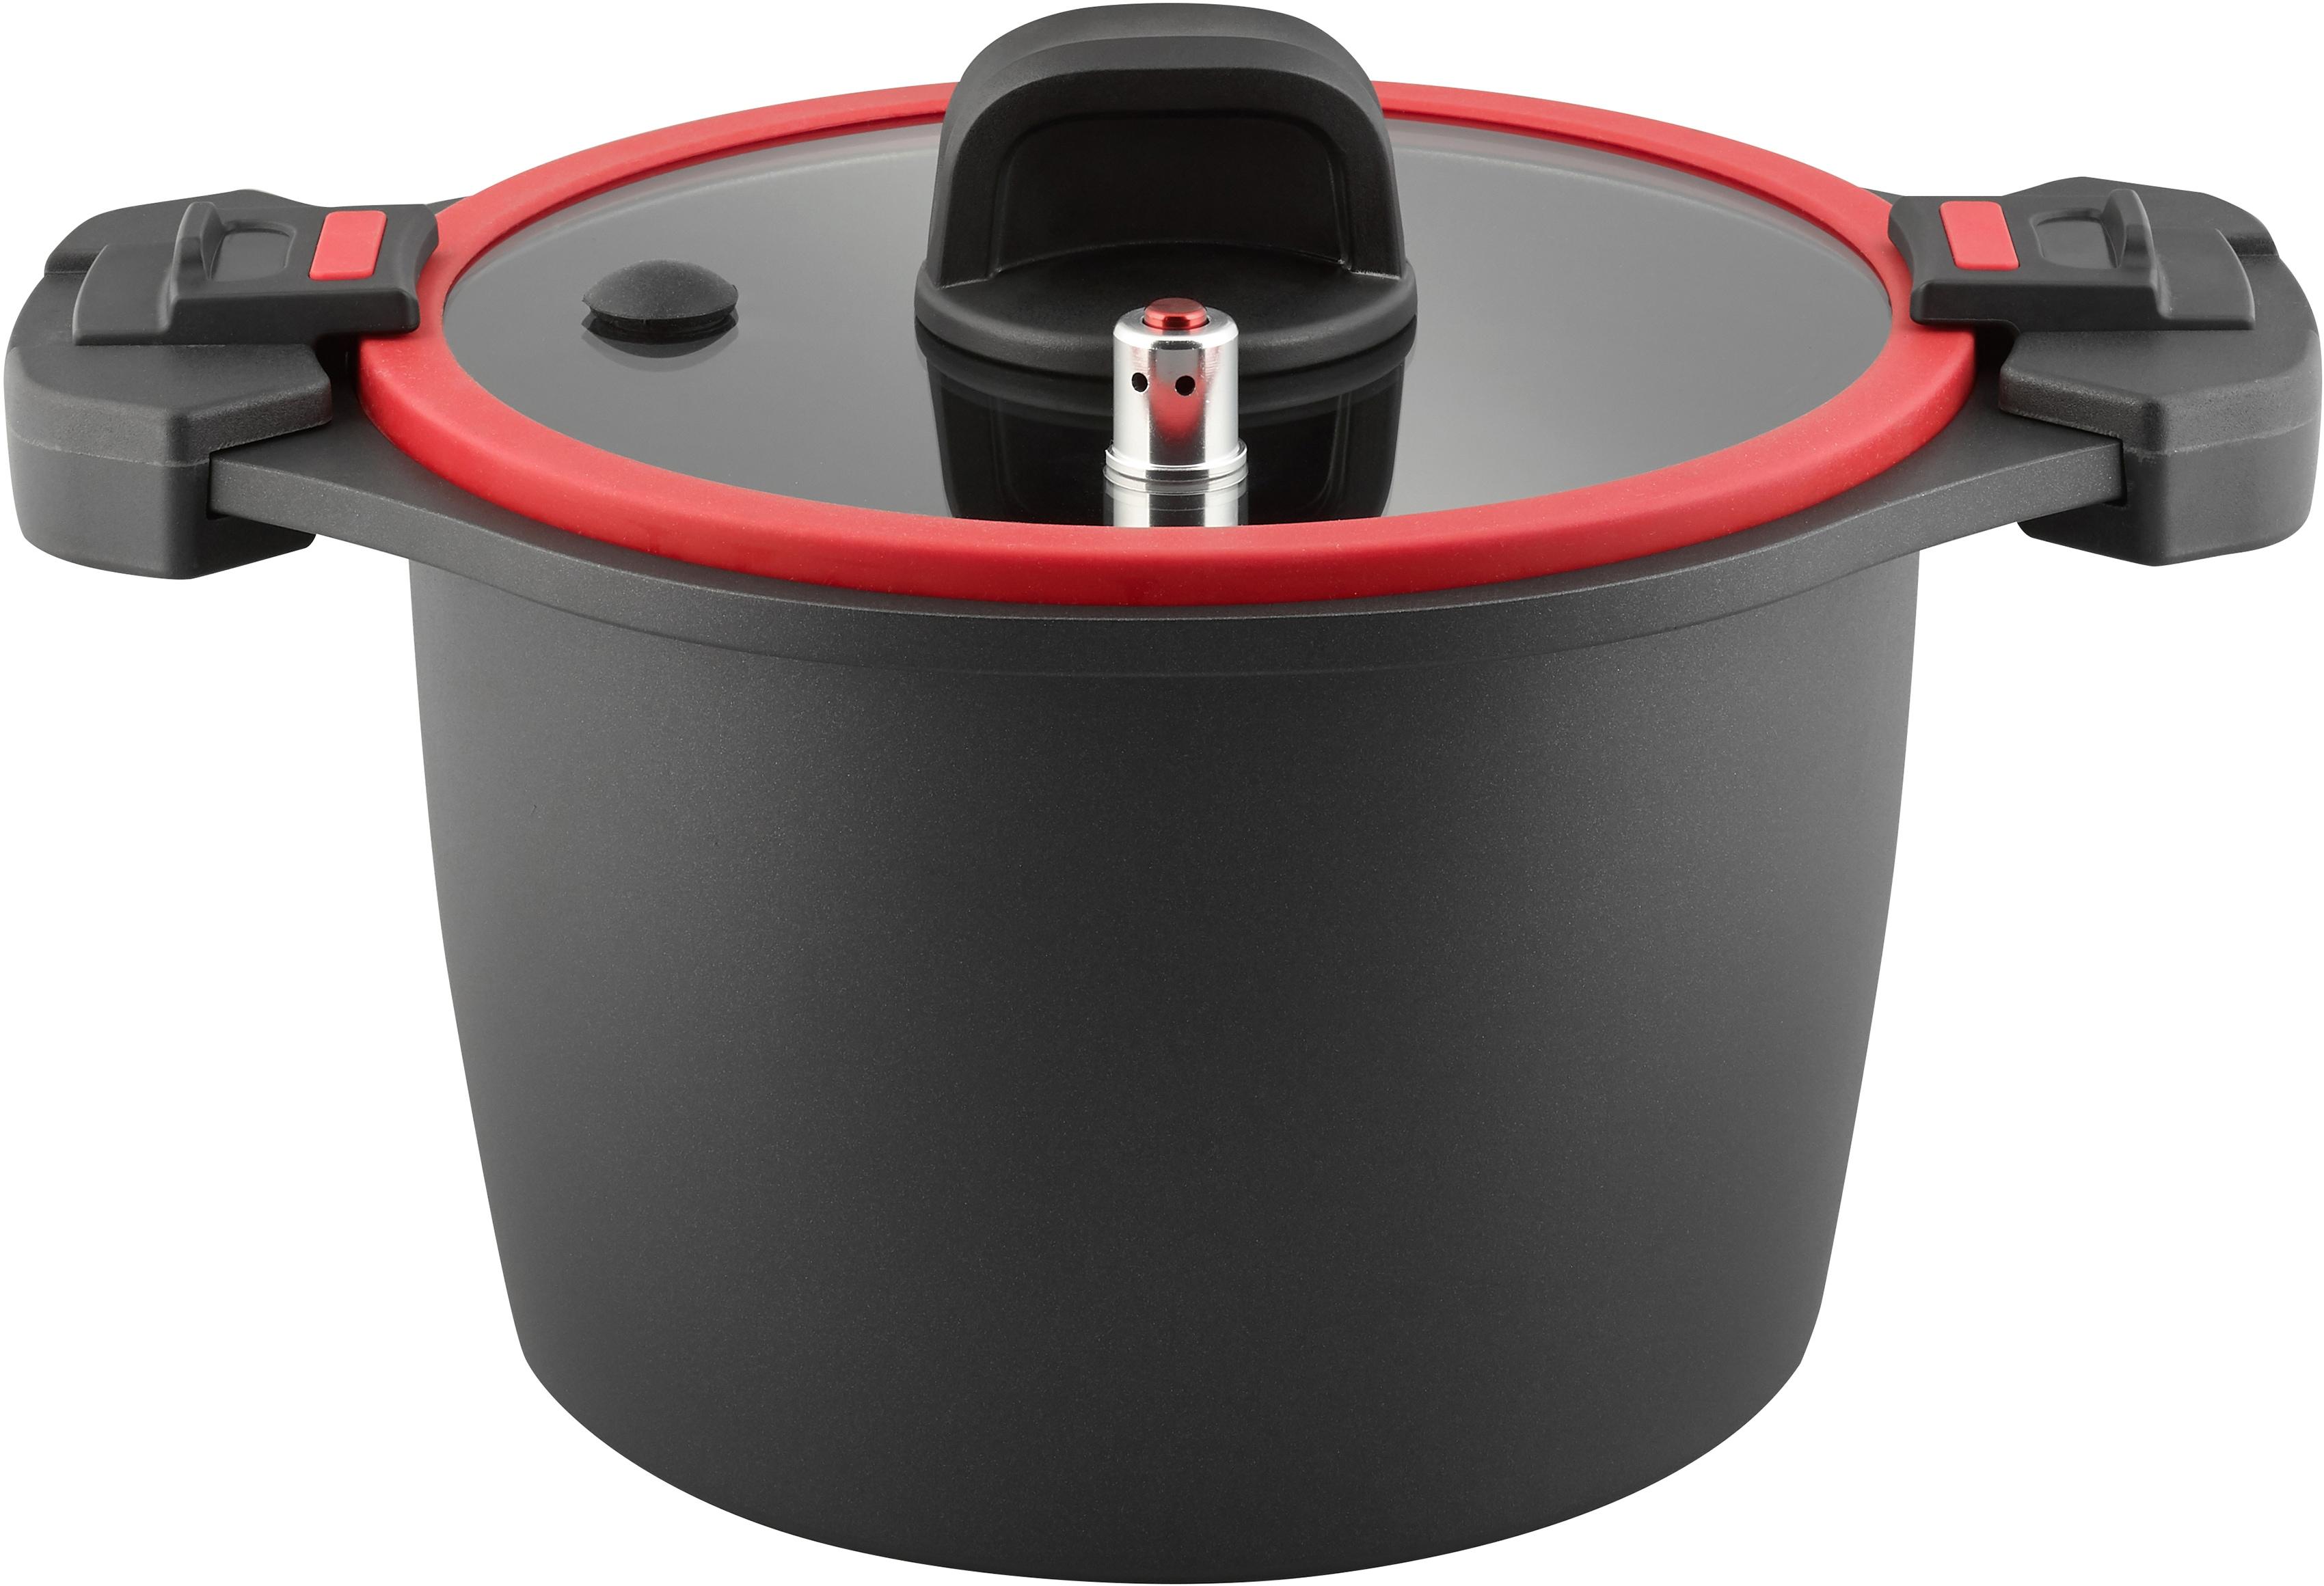 Elo Dampfgartopf, Aluminiumguss, Ø 24 cm, 6 Liter, Induktion schwarz Töpfe Dampfgartopf